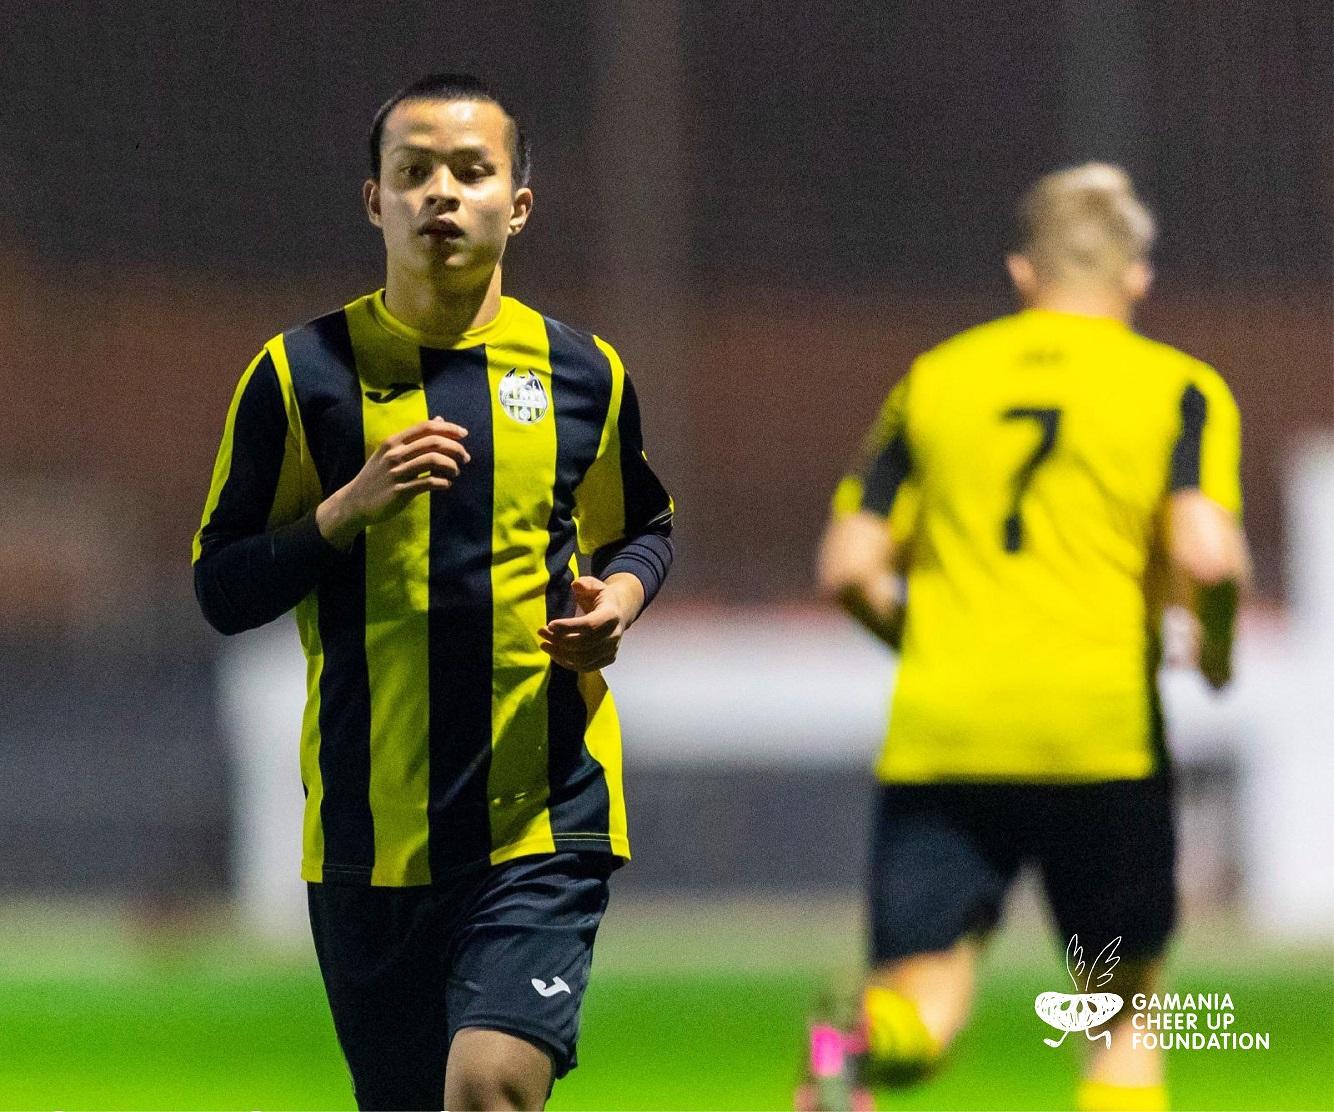 袁永誠成為第一位取得西班牙職業隊合約的台灣球員。 圖:遊戲橘子/提供